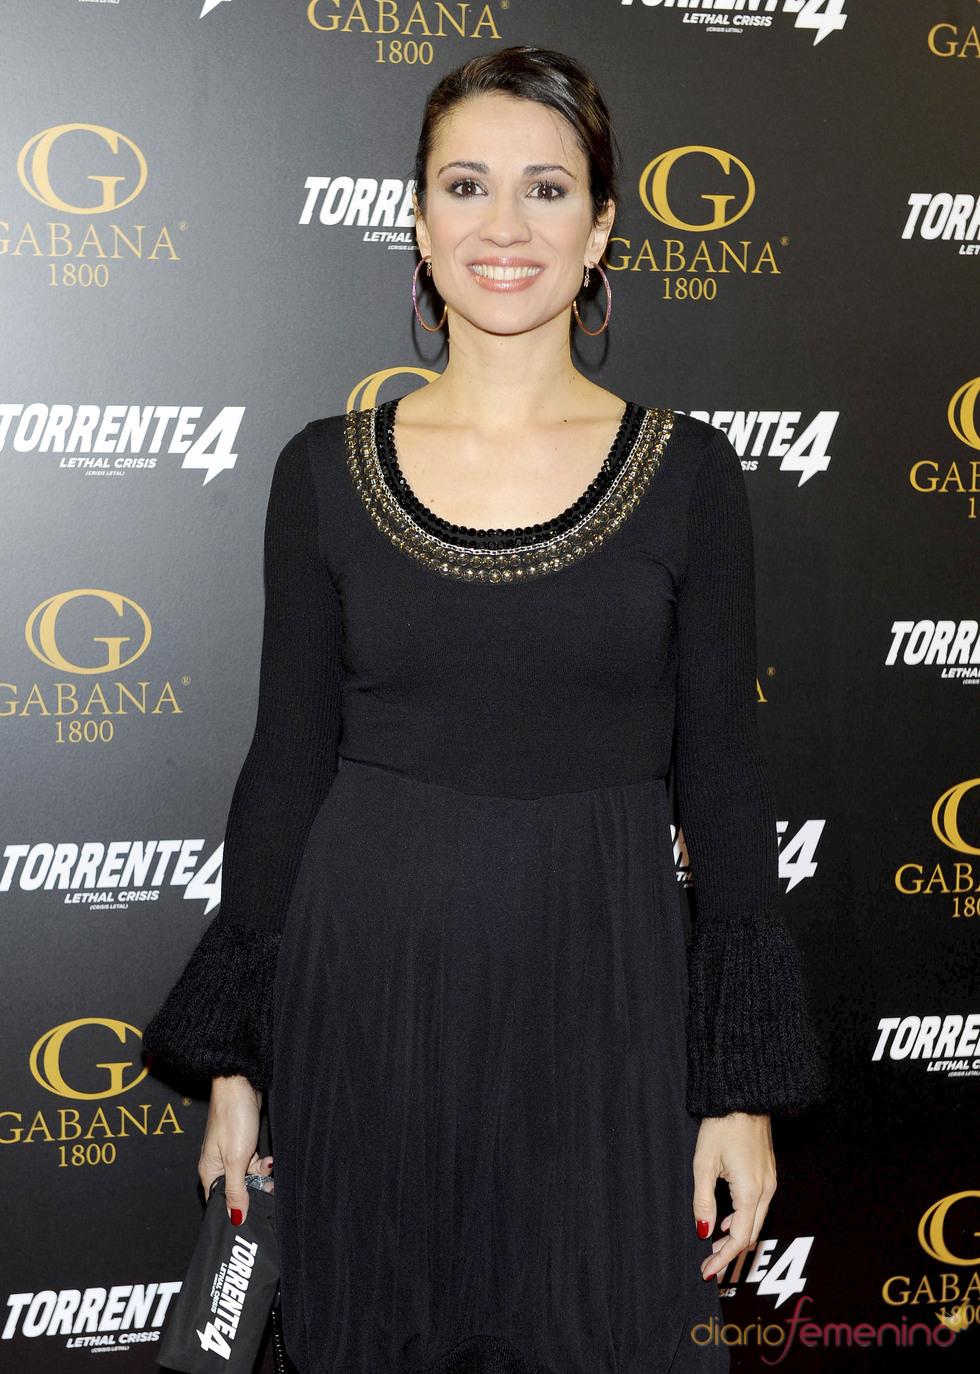 Silvia Jato acudió a la première de 'Torrente 4: Lethal crisis'